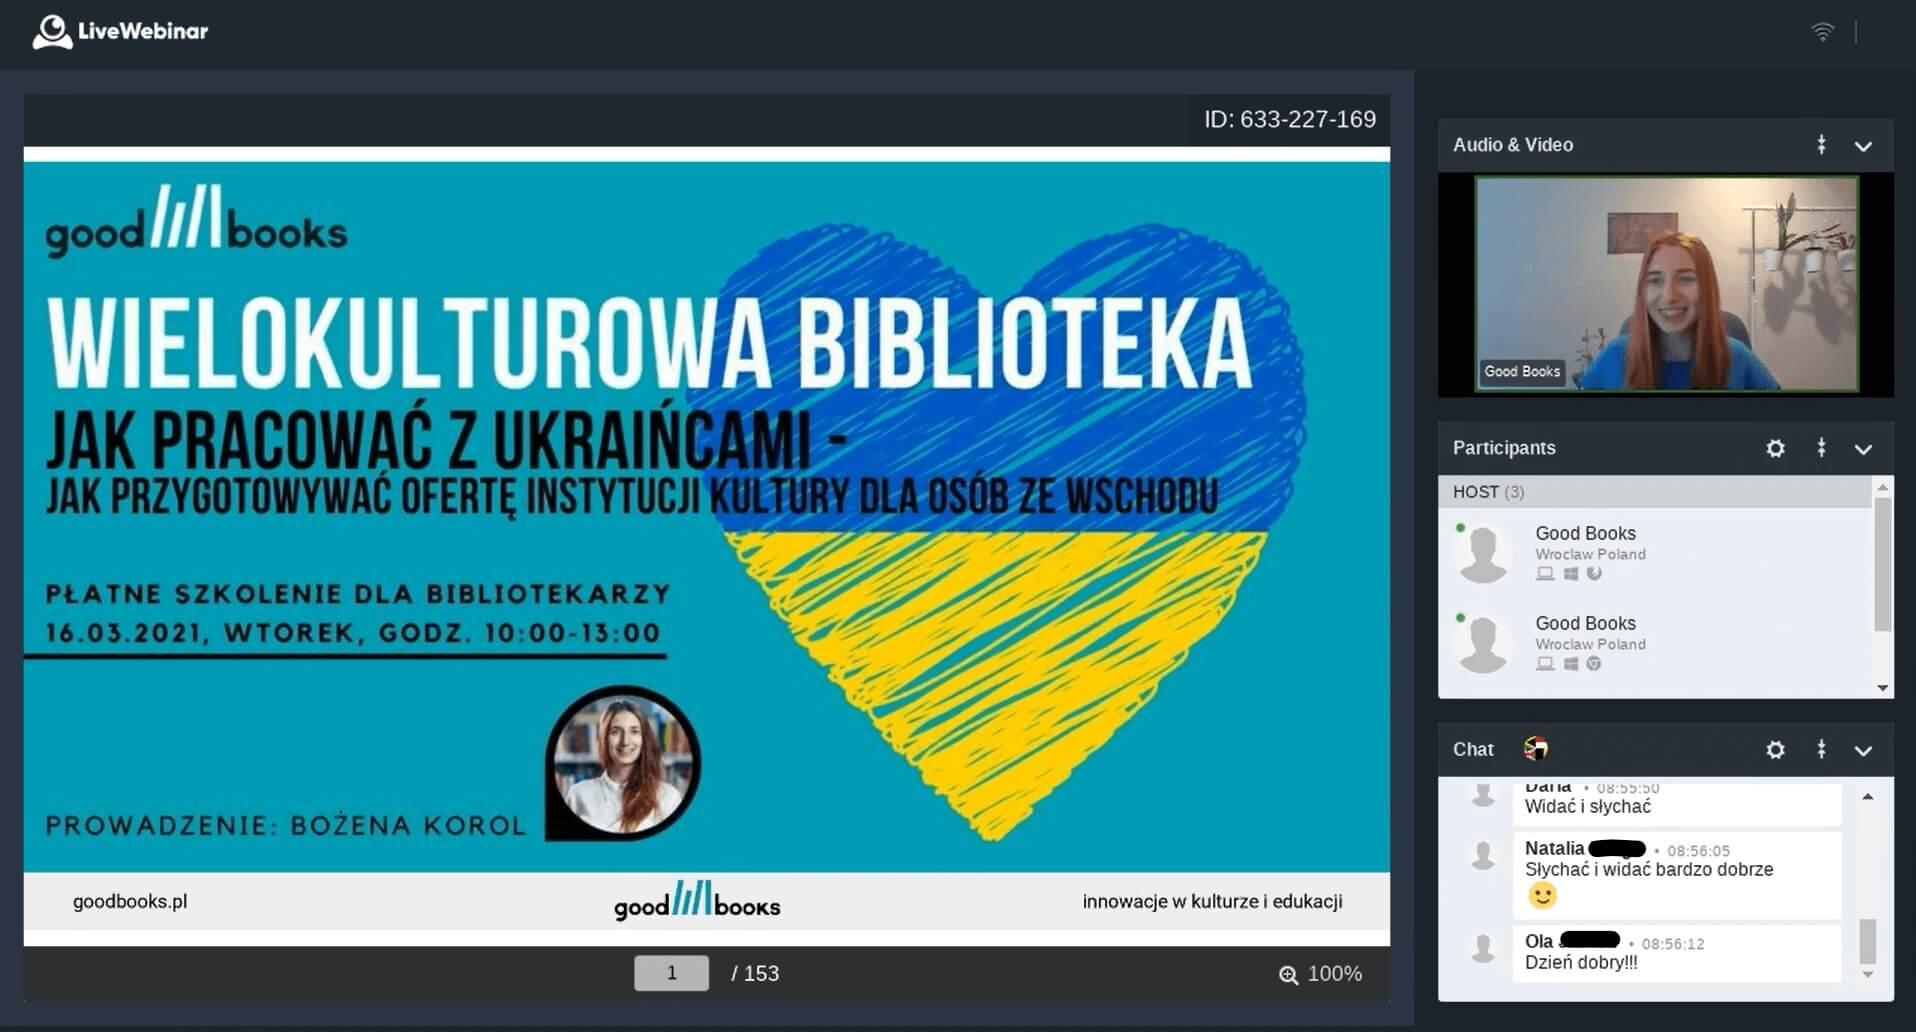 Wielokulturowa biblioteka - szkolenie online www